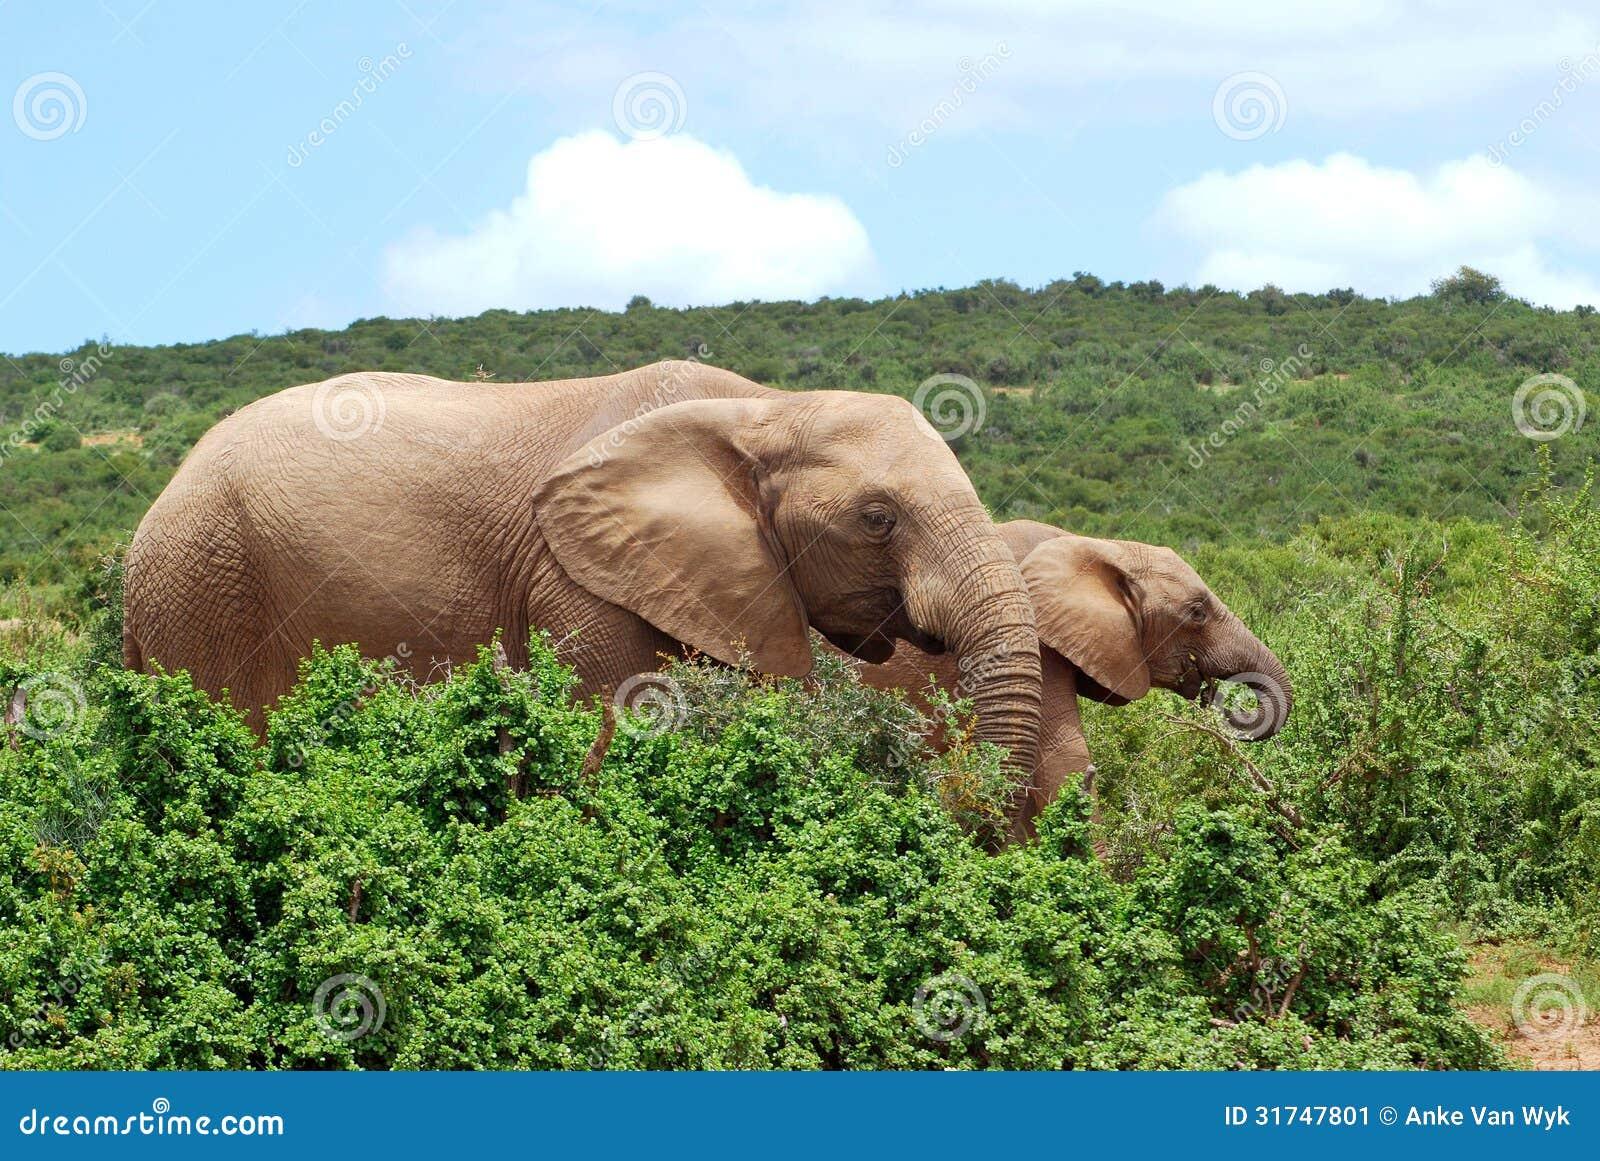 Afrikanische weiden lassende Elefanten